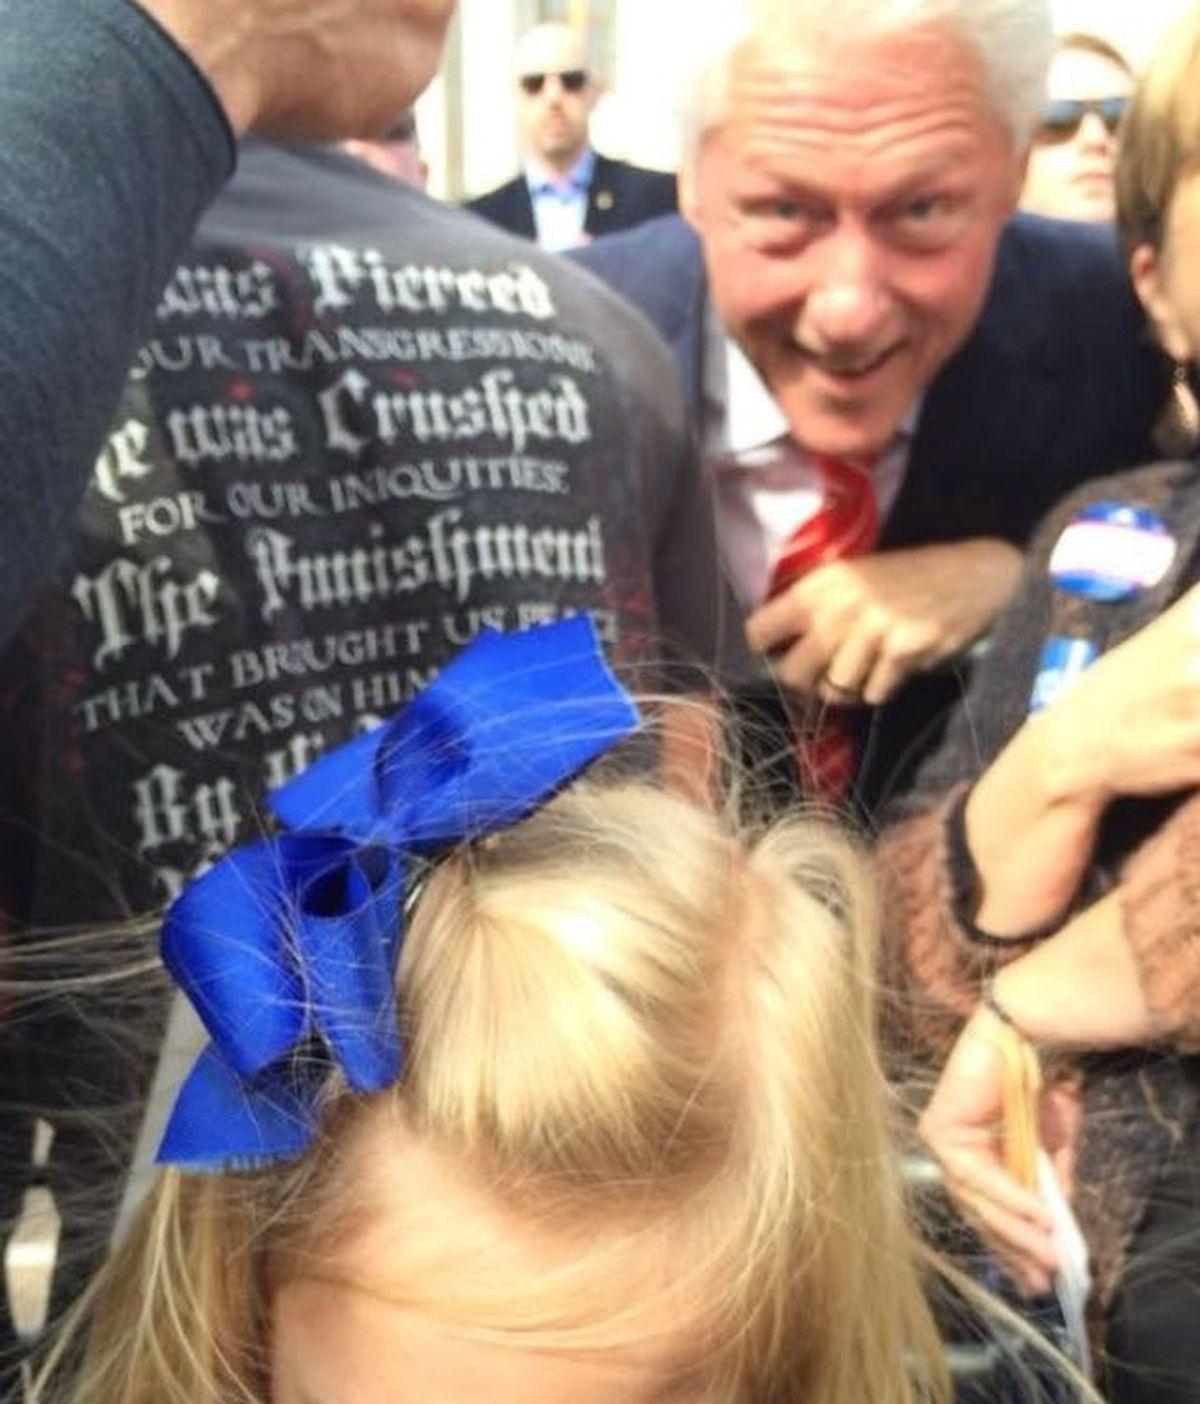 El photobomb de Bill Clinton